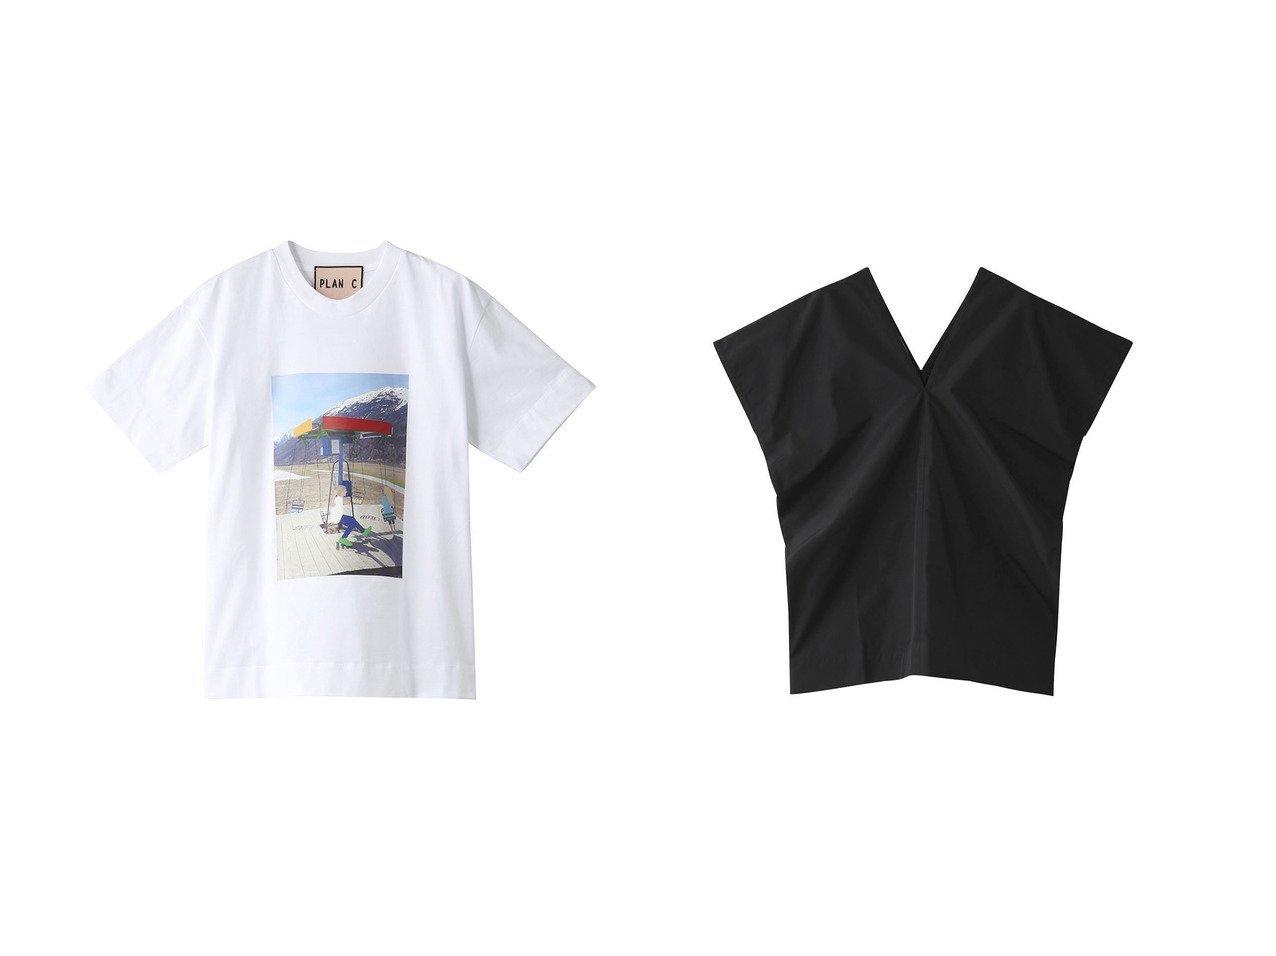 【Plan C/プラン C】のコットンジャージープリントTシャツ&ナイロンVネックトップス トップス・カットソーのおすすめ!人気、トレンド・レディースファッションの通販 おすすめで人気の流行・トレンド、ファッションの通販商品 メンズファッション・キッズファッション・インテリア・家具・レディースファッション・服の通販 founy(ファニー) https://founy.com/ ファッション Fashion レディースファッション WOMEN トップス Tops Tshirt シャツ/ブラウス Shirts Blouses ロング / Tシャツ T-Shirts カットソー Cut and Sewn Vネック V-Neck 2021年 2021 2021 春夏 S/S SS Spring/Summer 2021 S/S 春夏 SS Spring/Summer ショート スリーブ バランス フロント プリント 春 Spring |ID:crp329100000014808